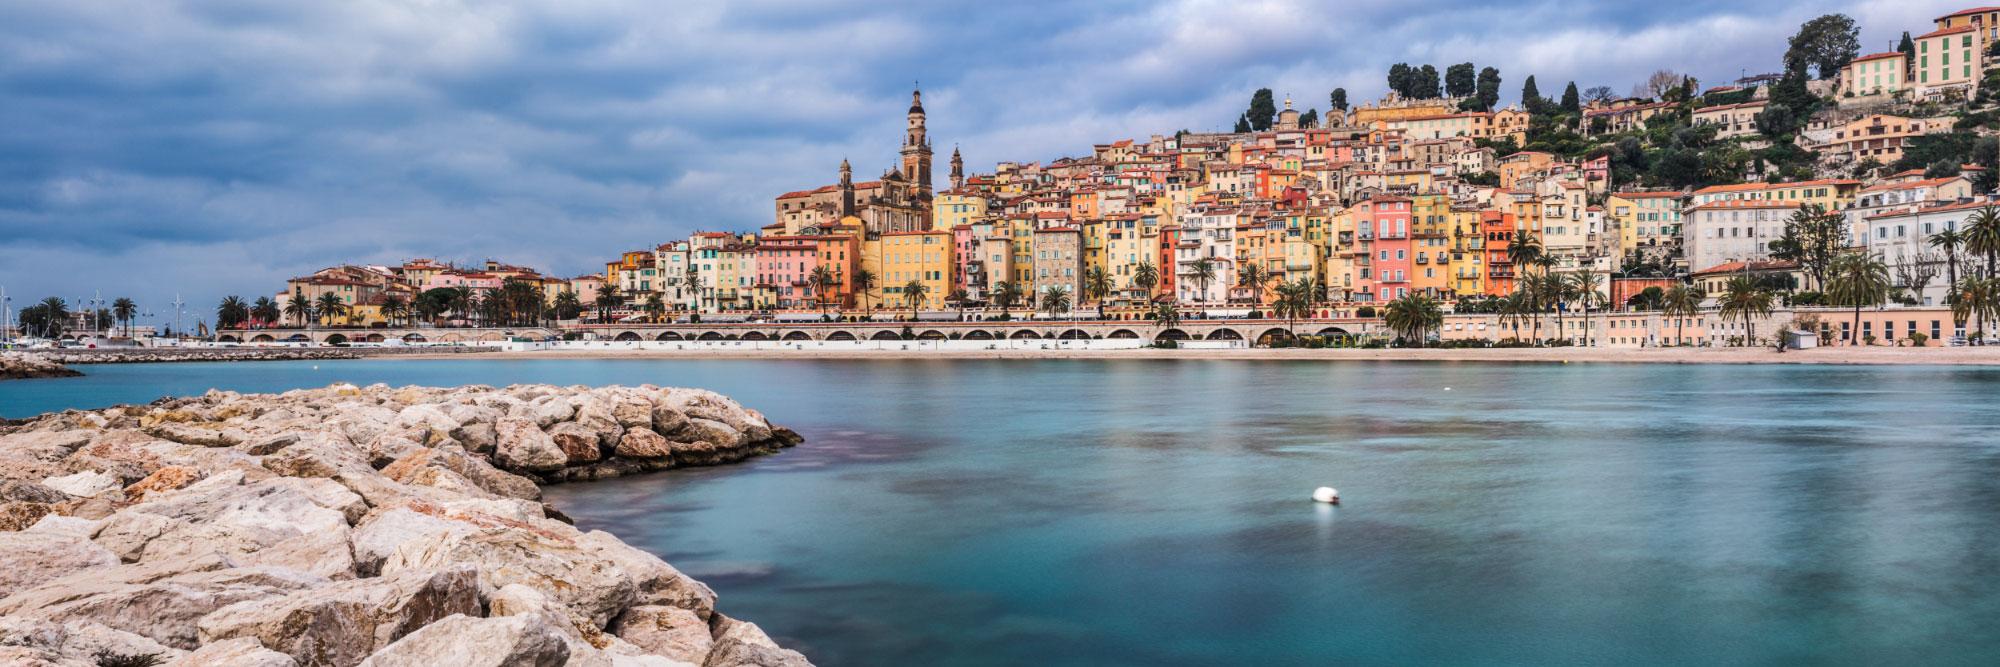 Menton, Côte d'Azur